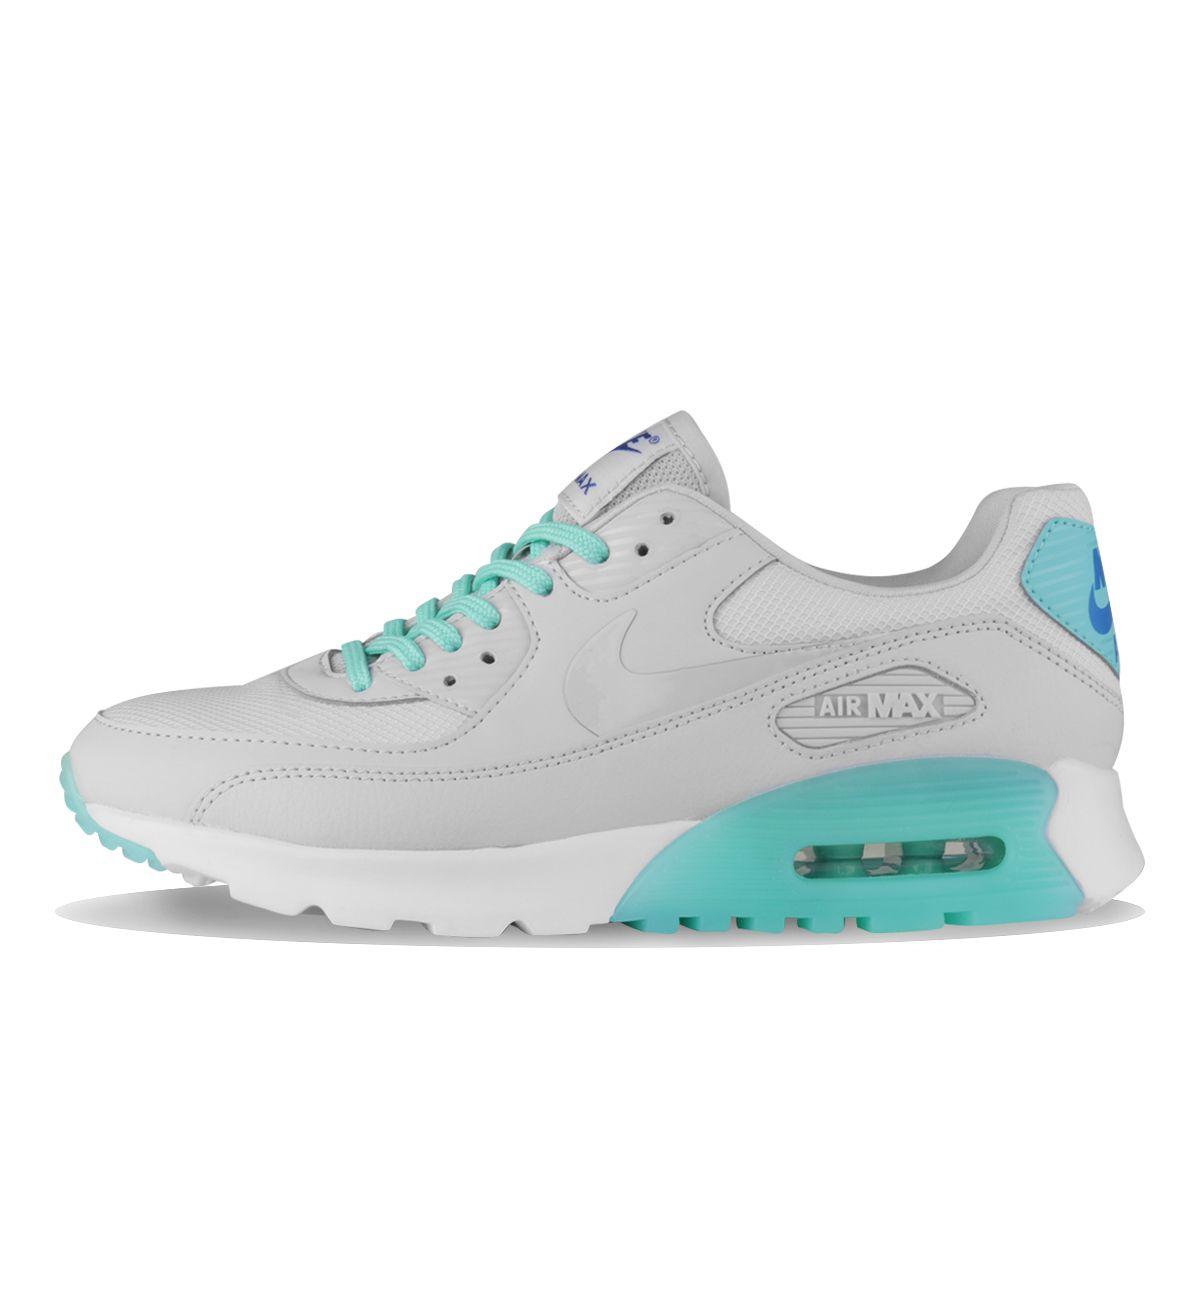 Nike Air Max 90 Essential Platinum Damen Sneakers Sale